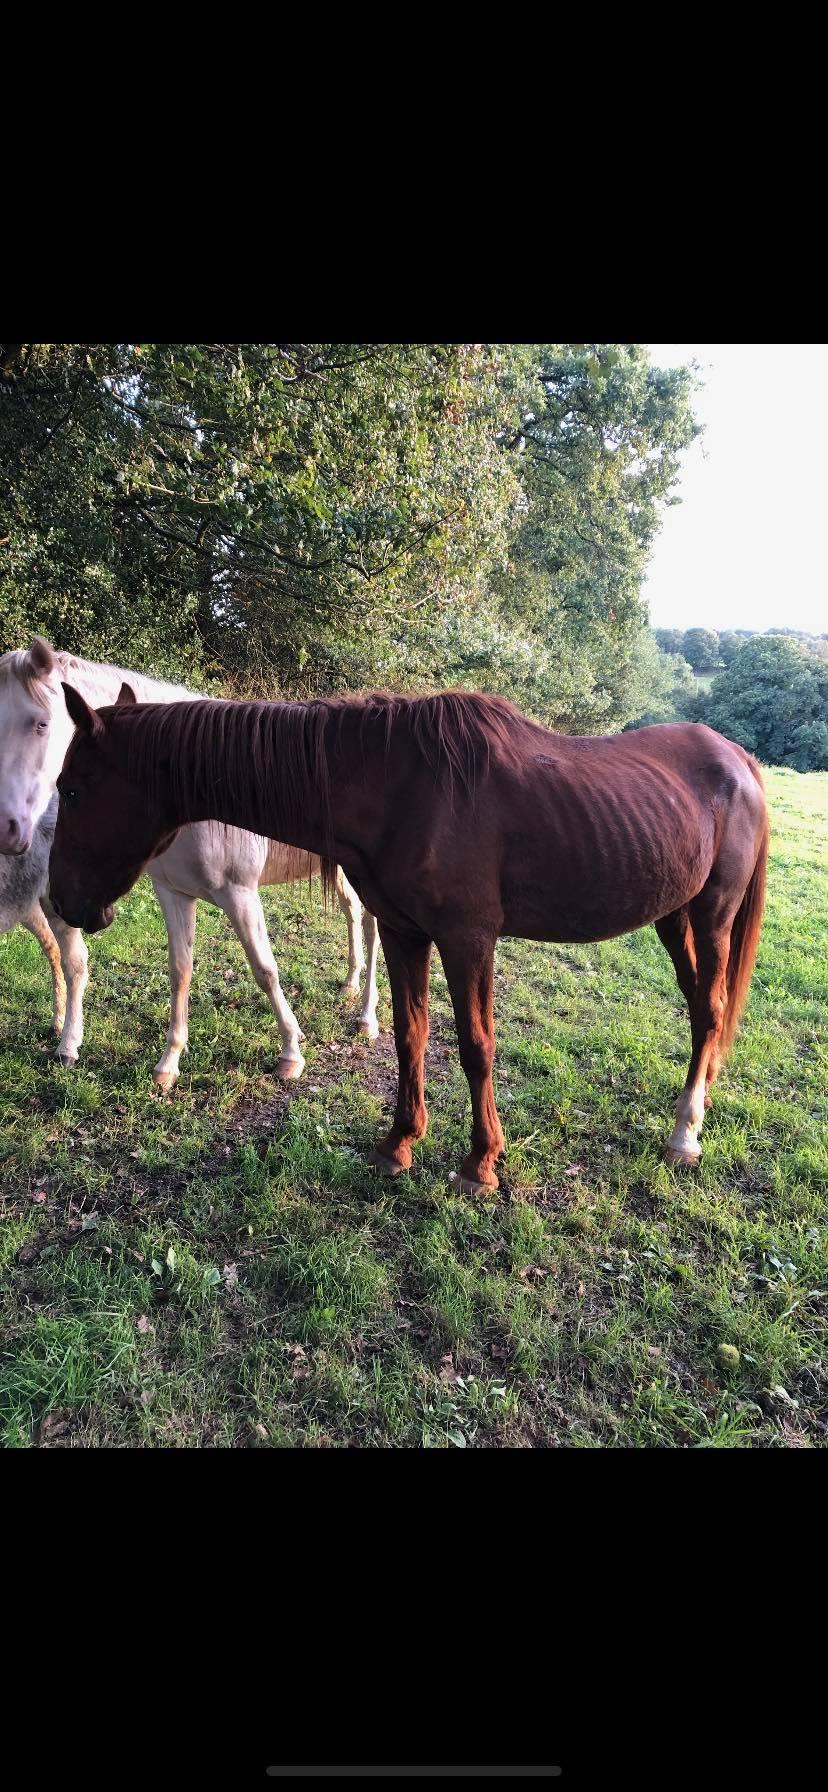 BELLOU - cheval alezan - 30 ans (FA longue durée) 74284810